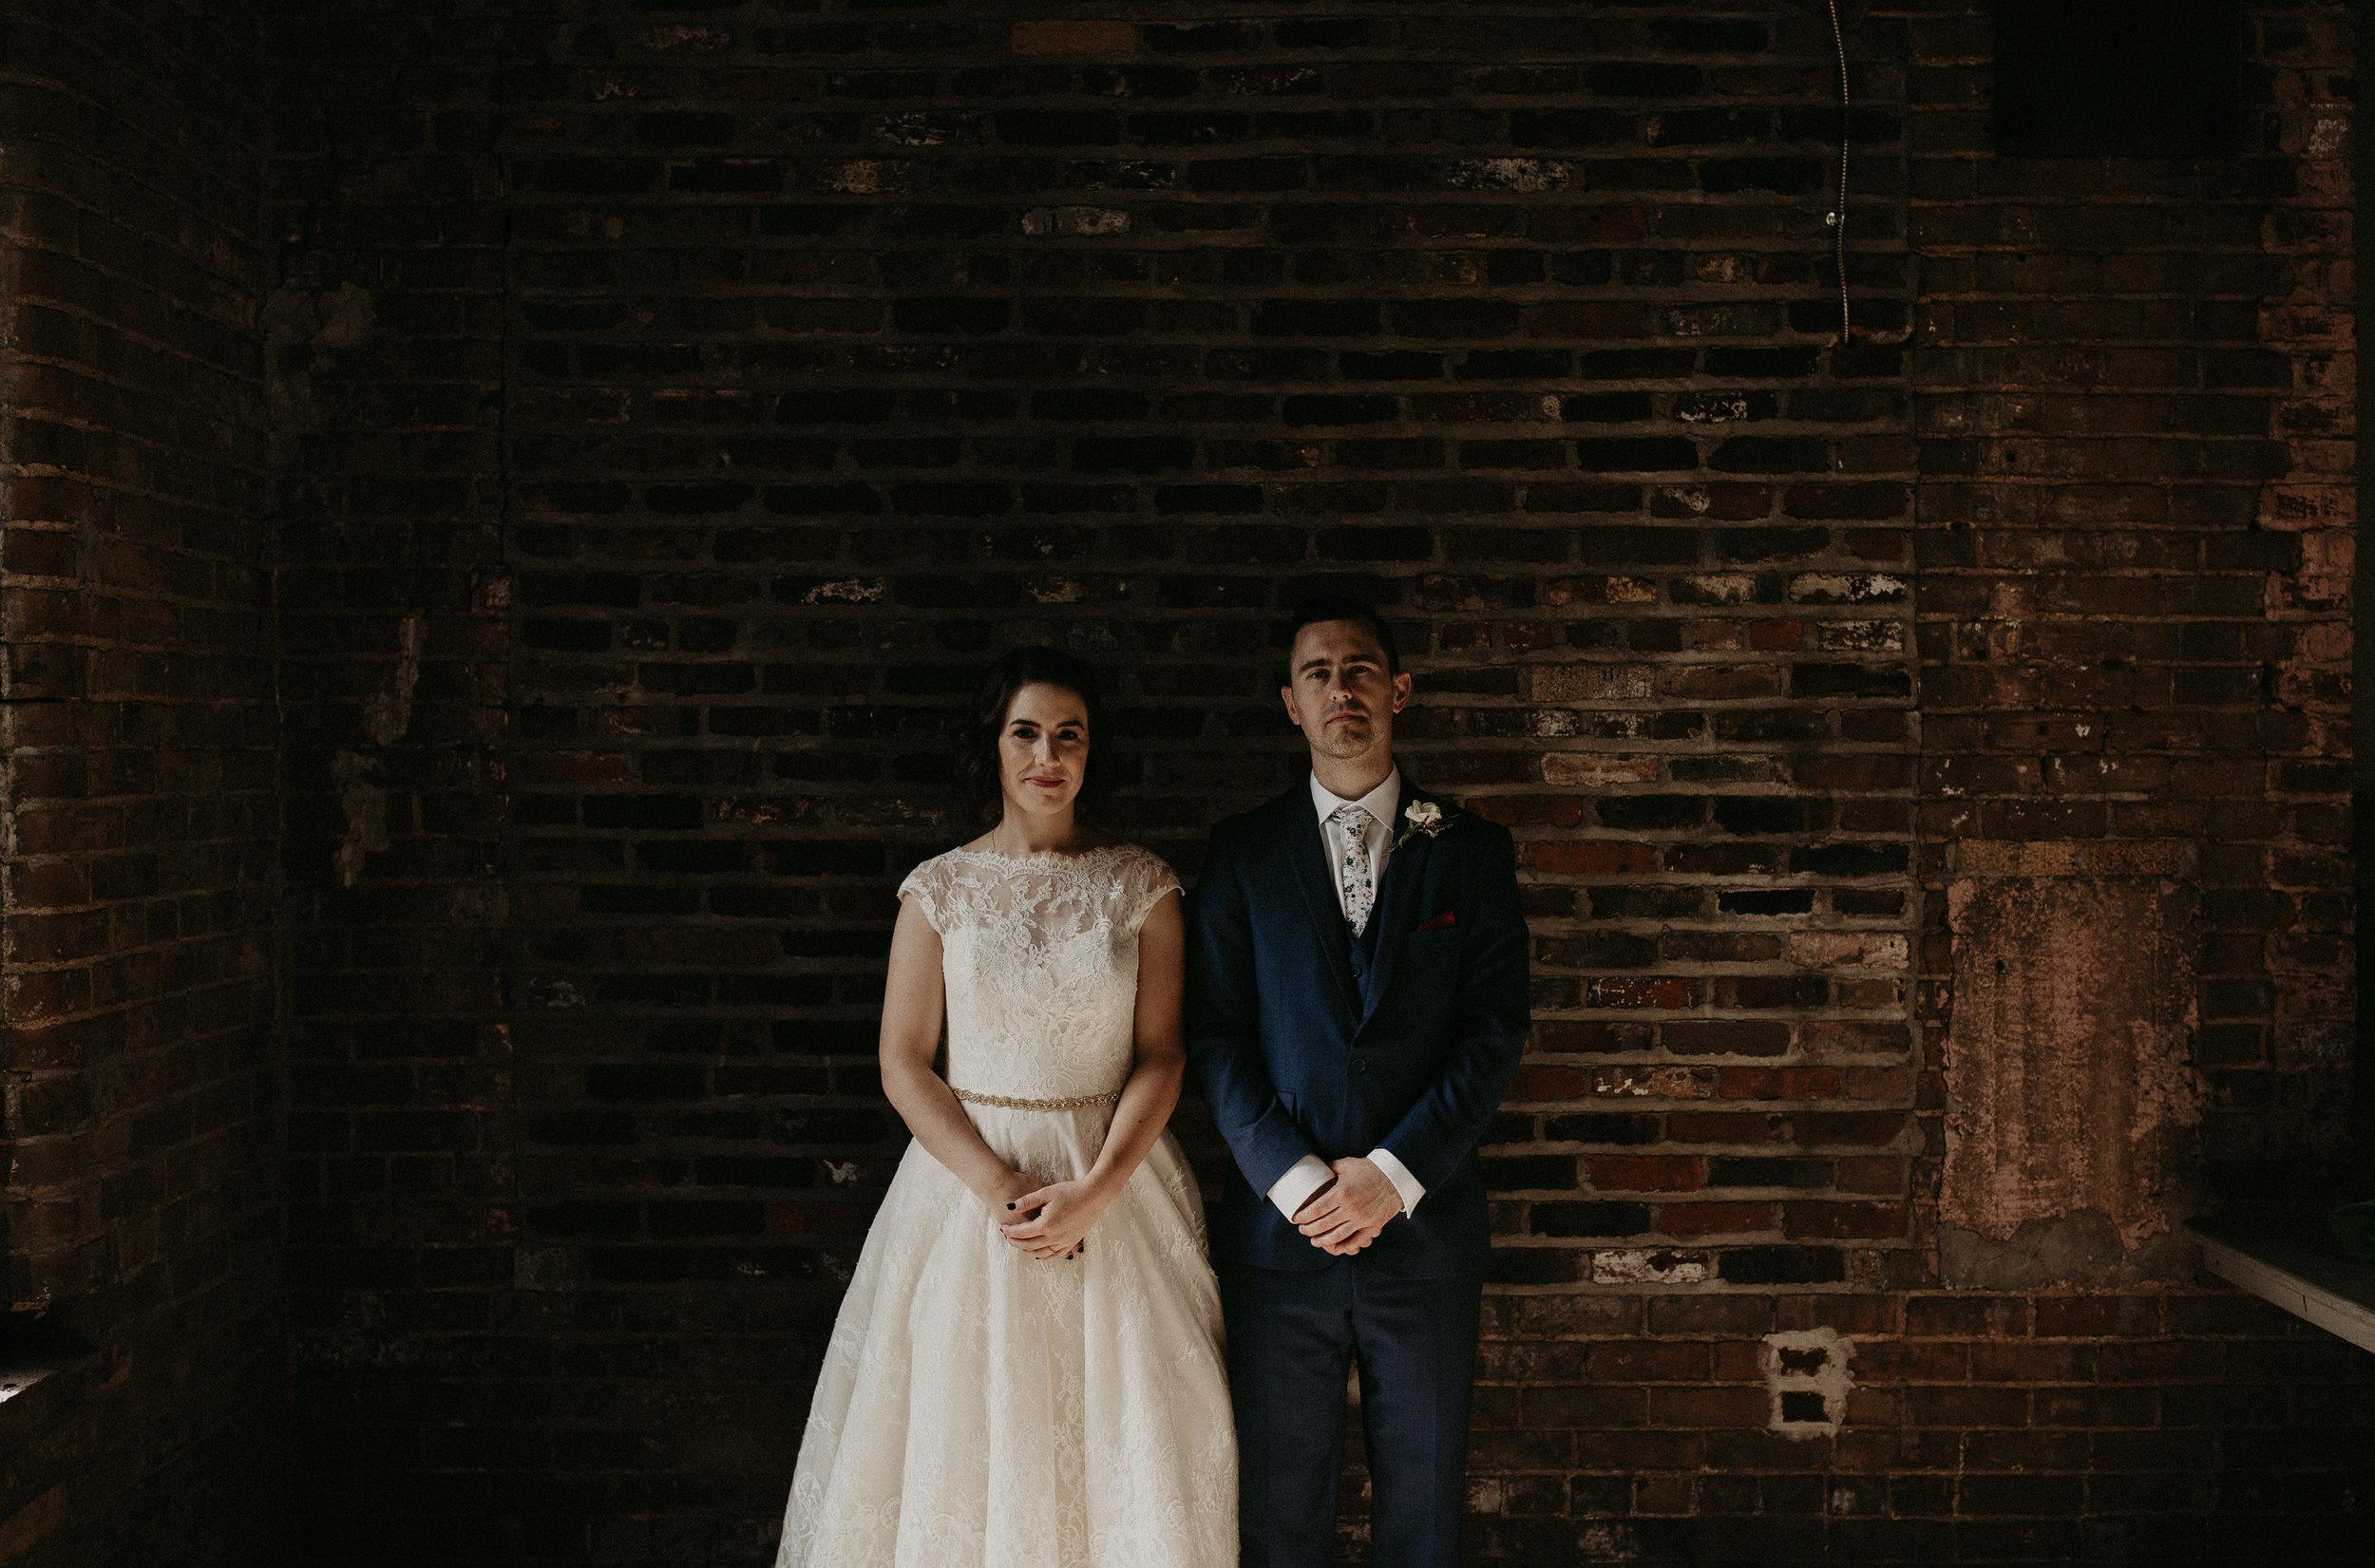 Cincinnati_Rhinegeist_Wedding_Andy_Katie-371.JPG